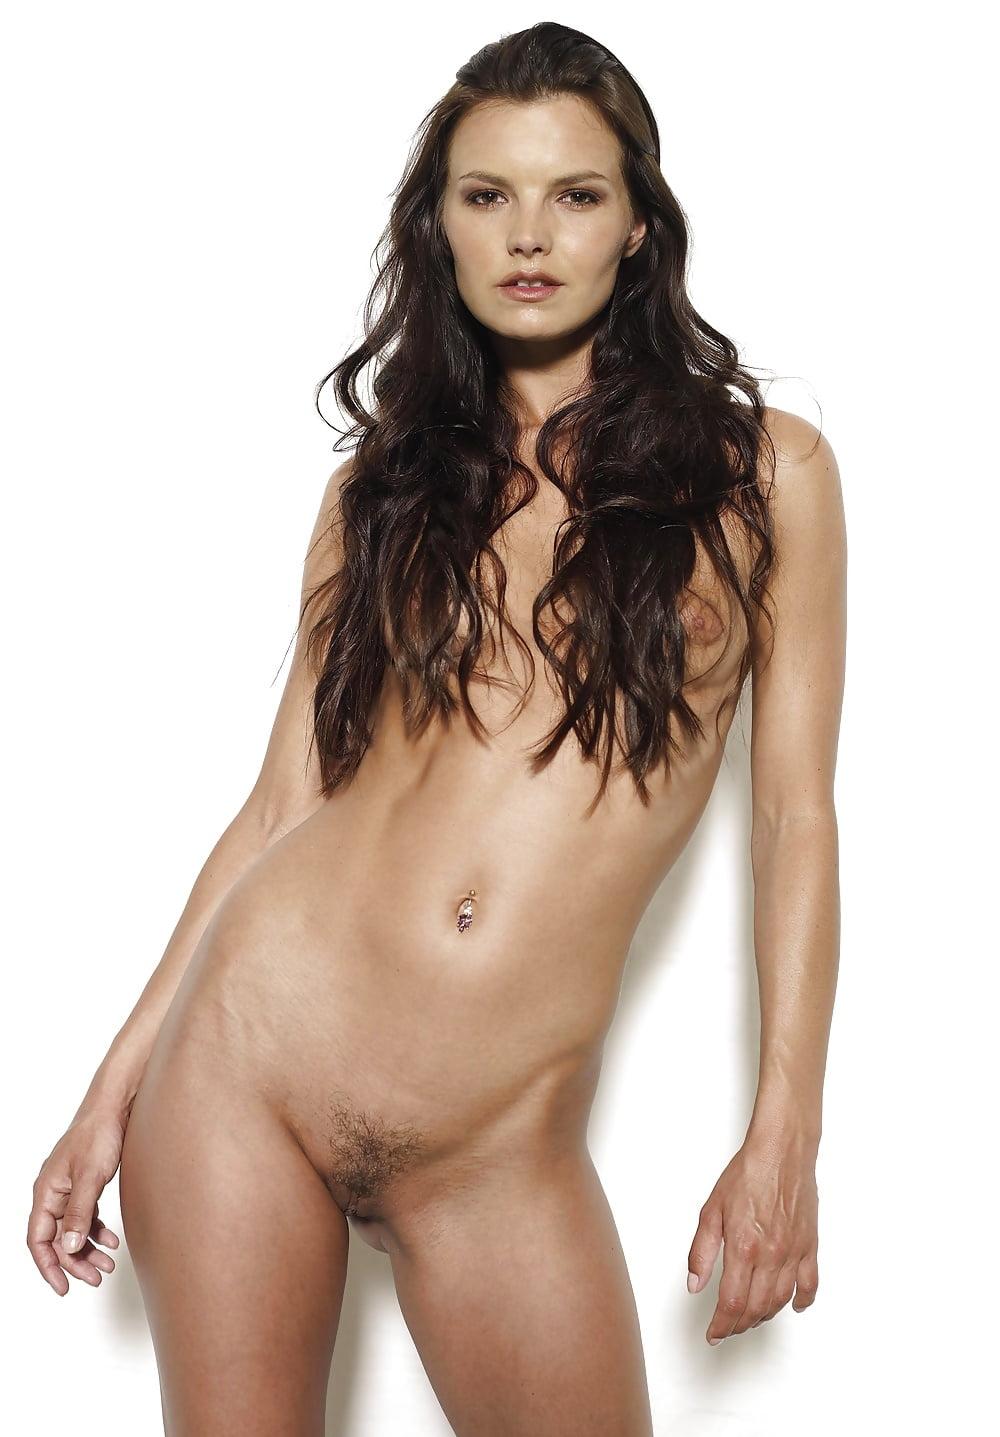 Wet chloe wang nude